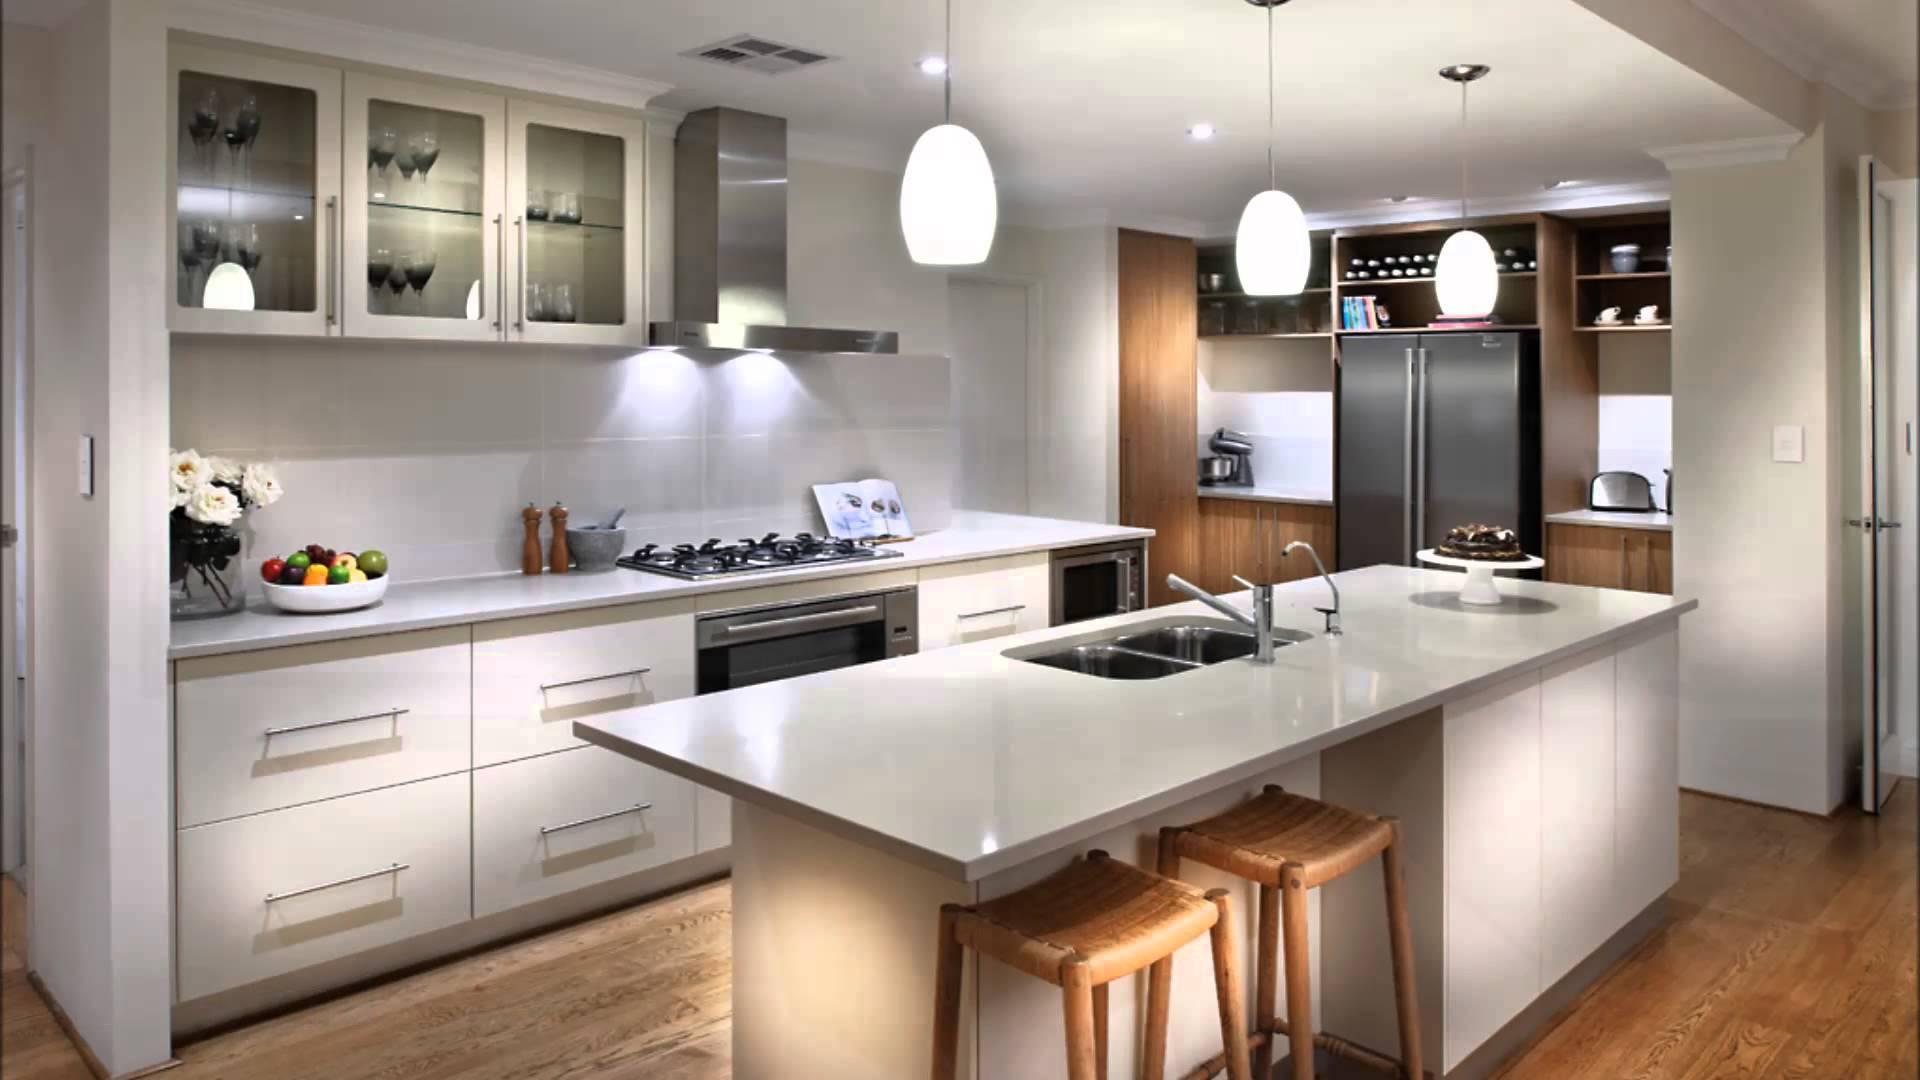 Kitchen Home Design Display Perth Dale Alcock